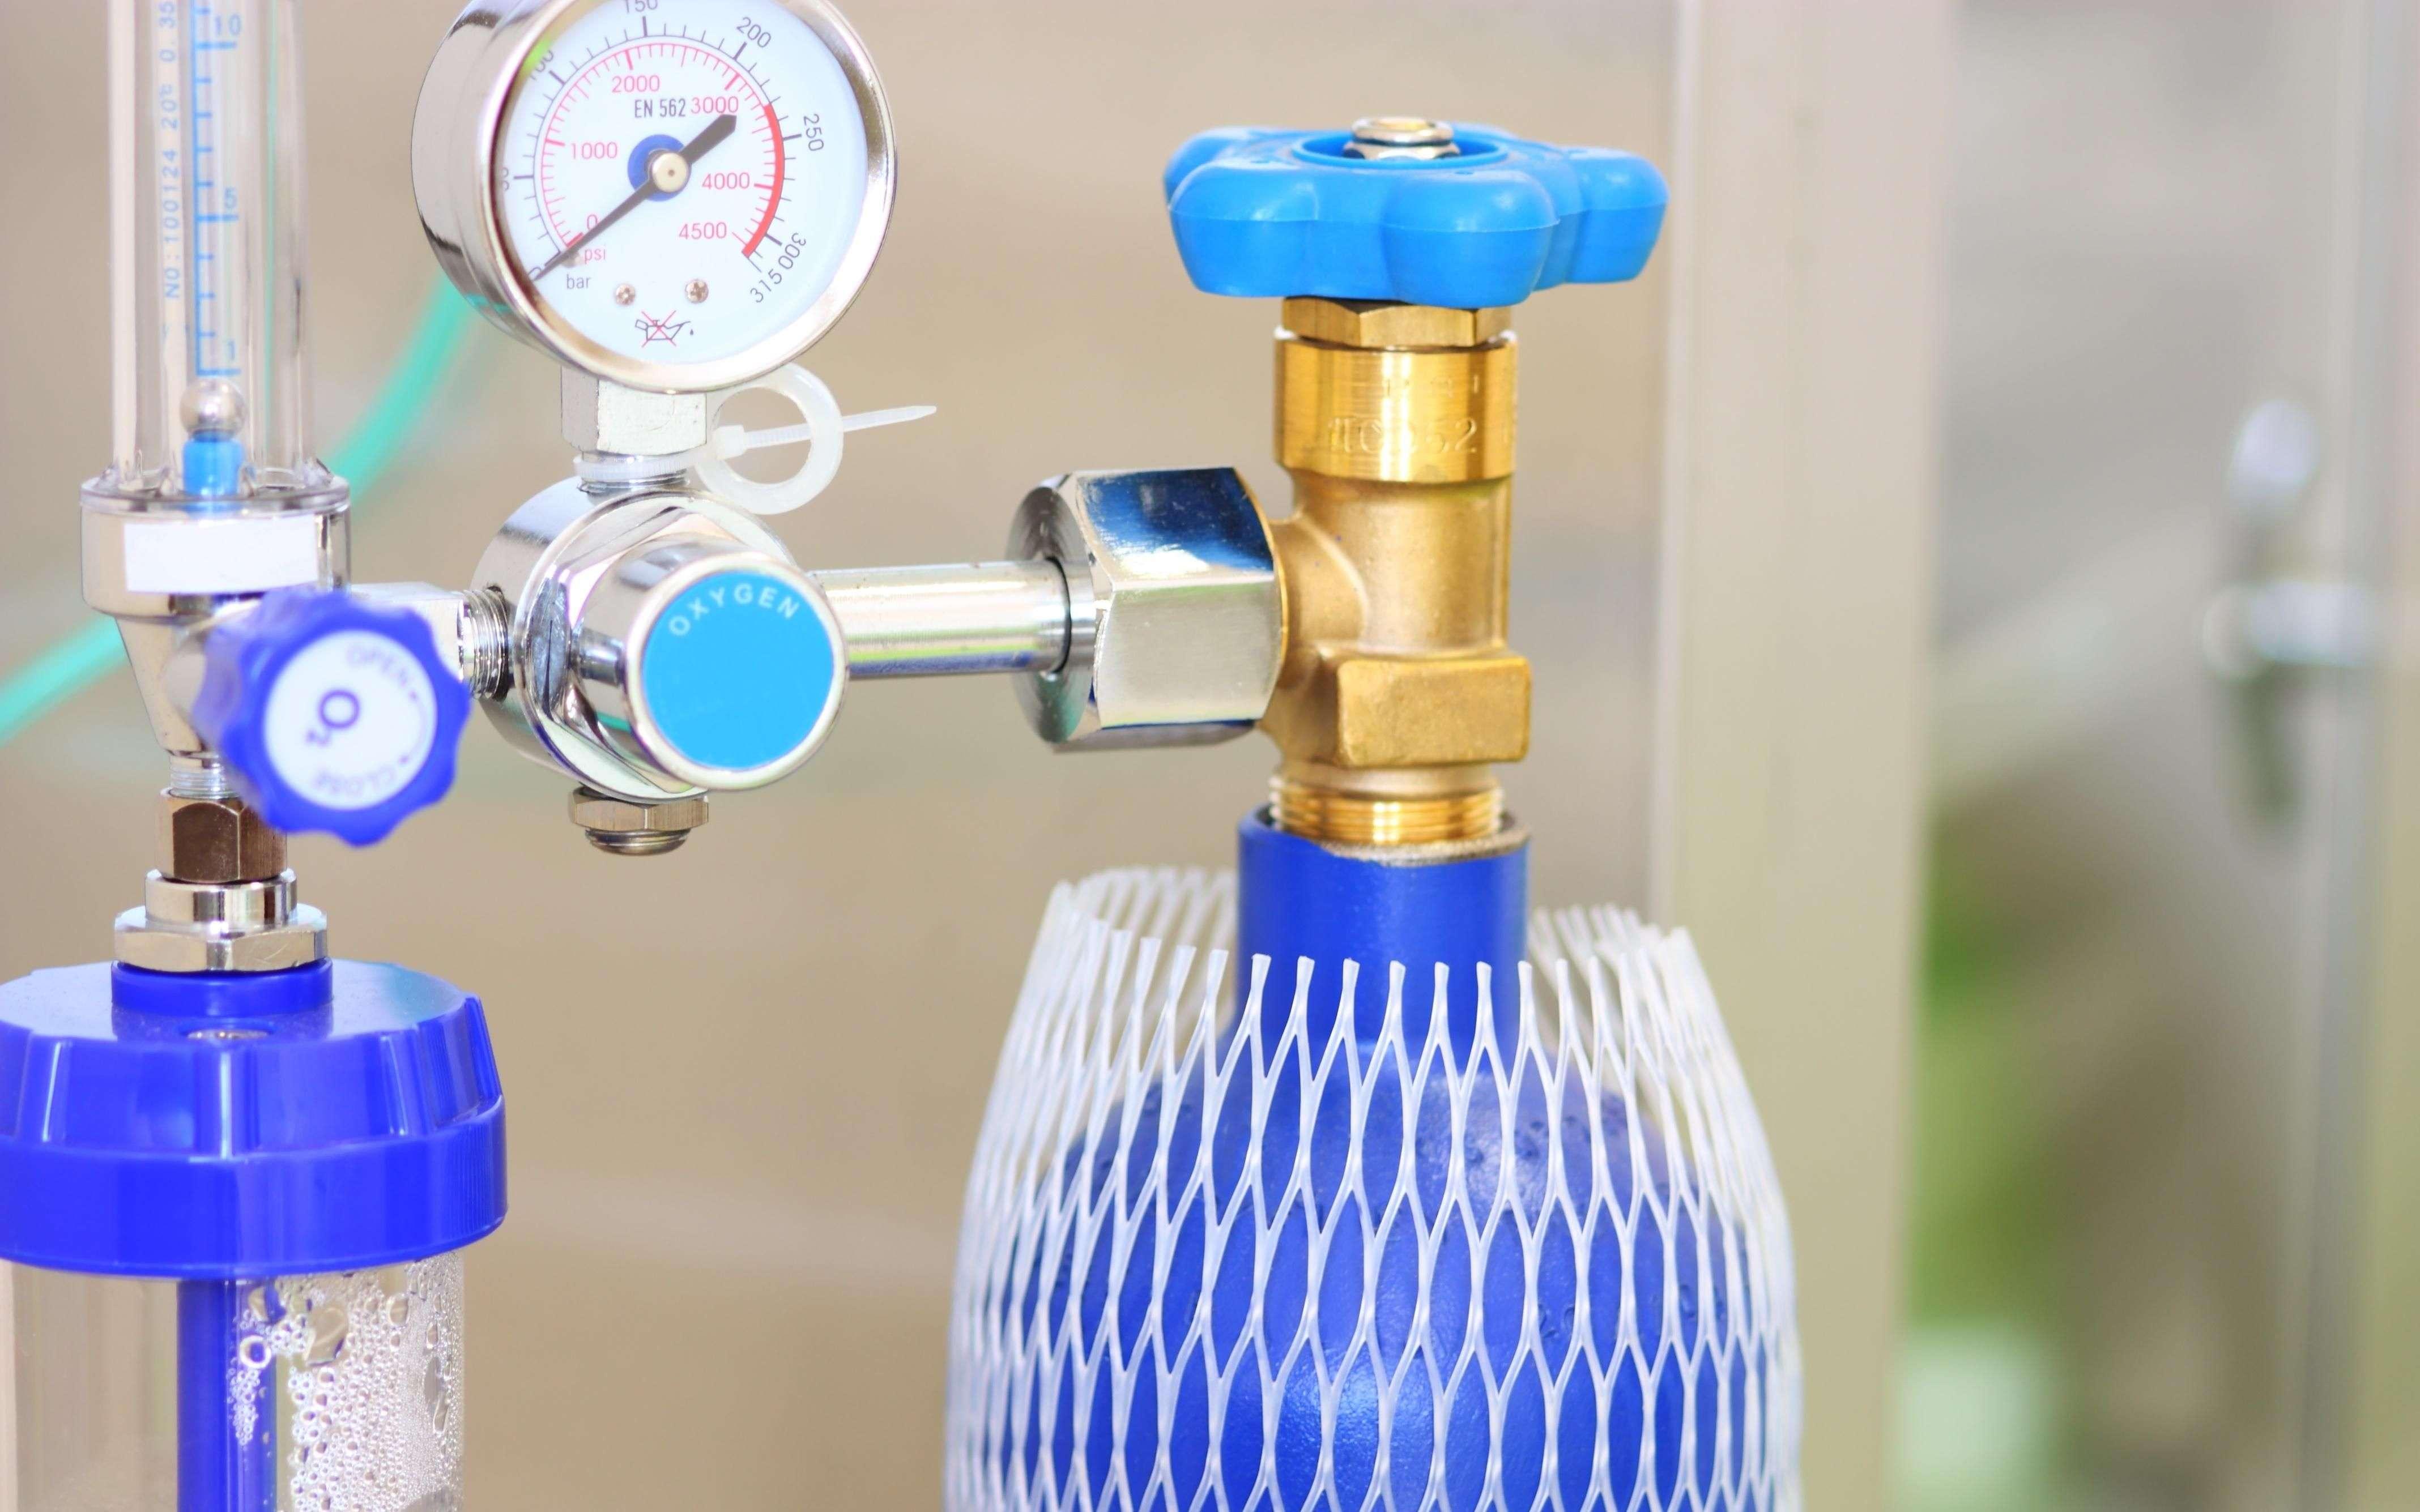 ऐप से सीखें घर पर कैसे करें ऑक्सीजन सिलेंडर इंस्टॉल